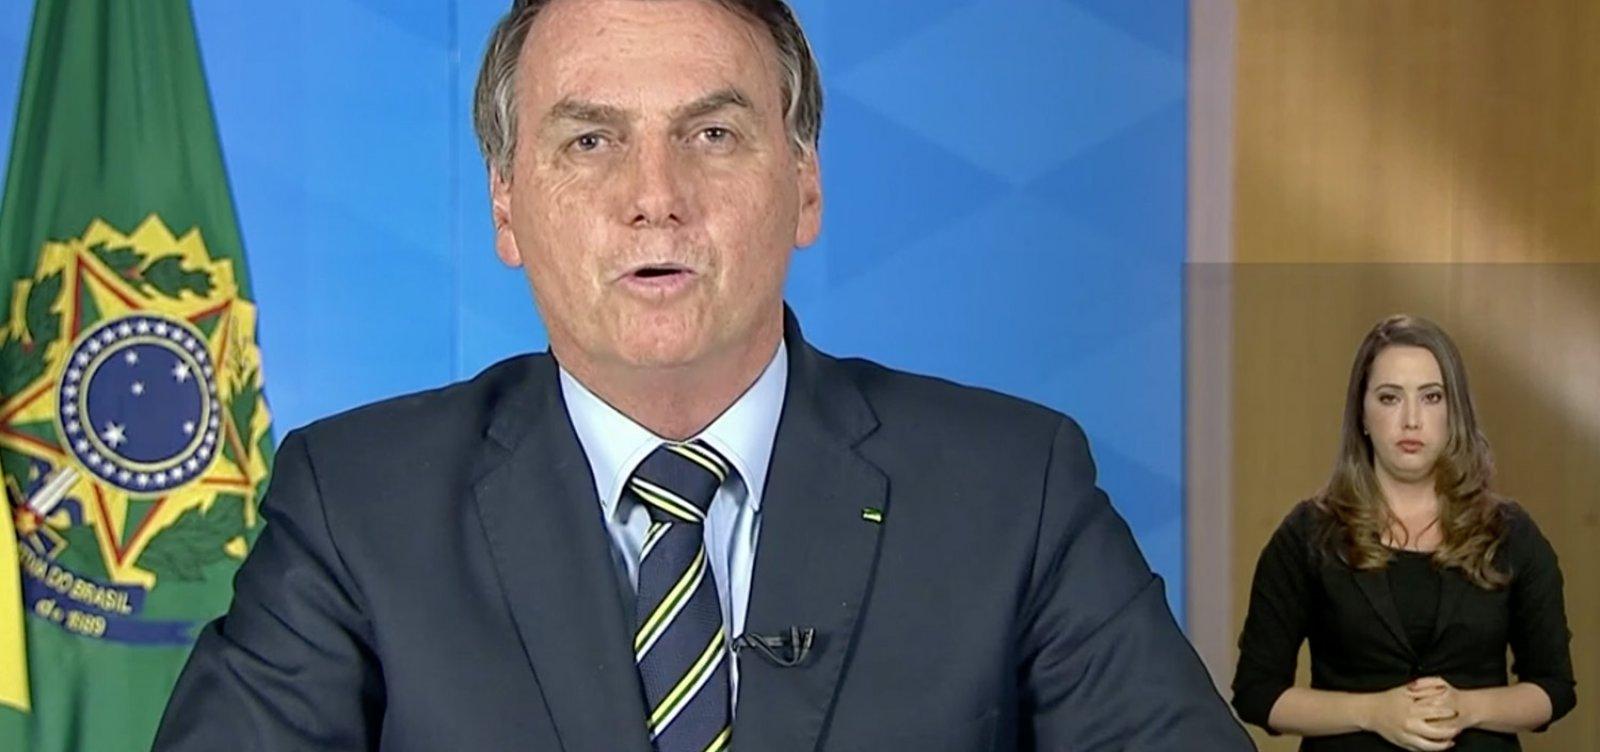 [Em pronunciamento, Bolsonaro pede fim do 'confinamento' e reabertura de comércio e escolas ]